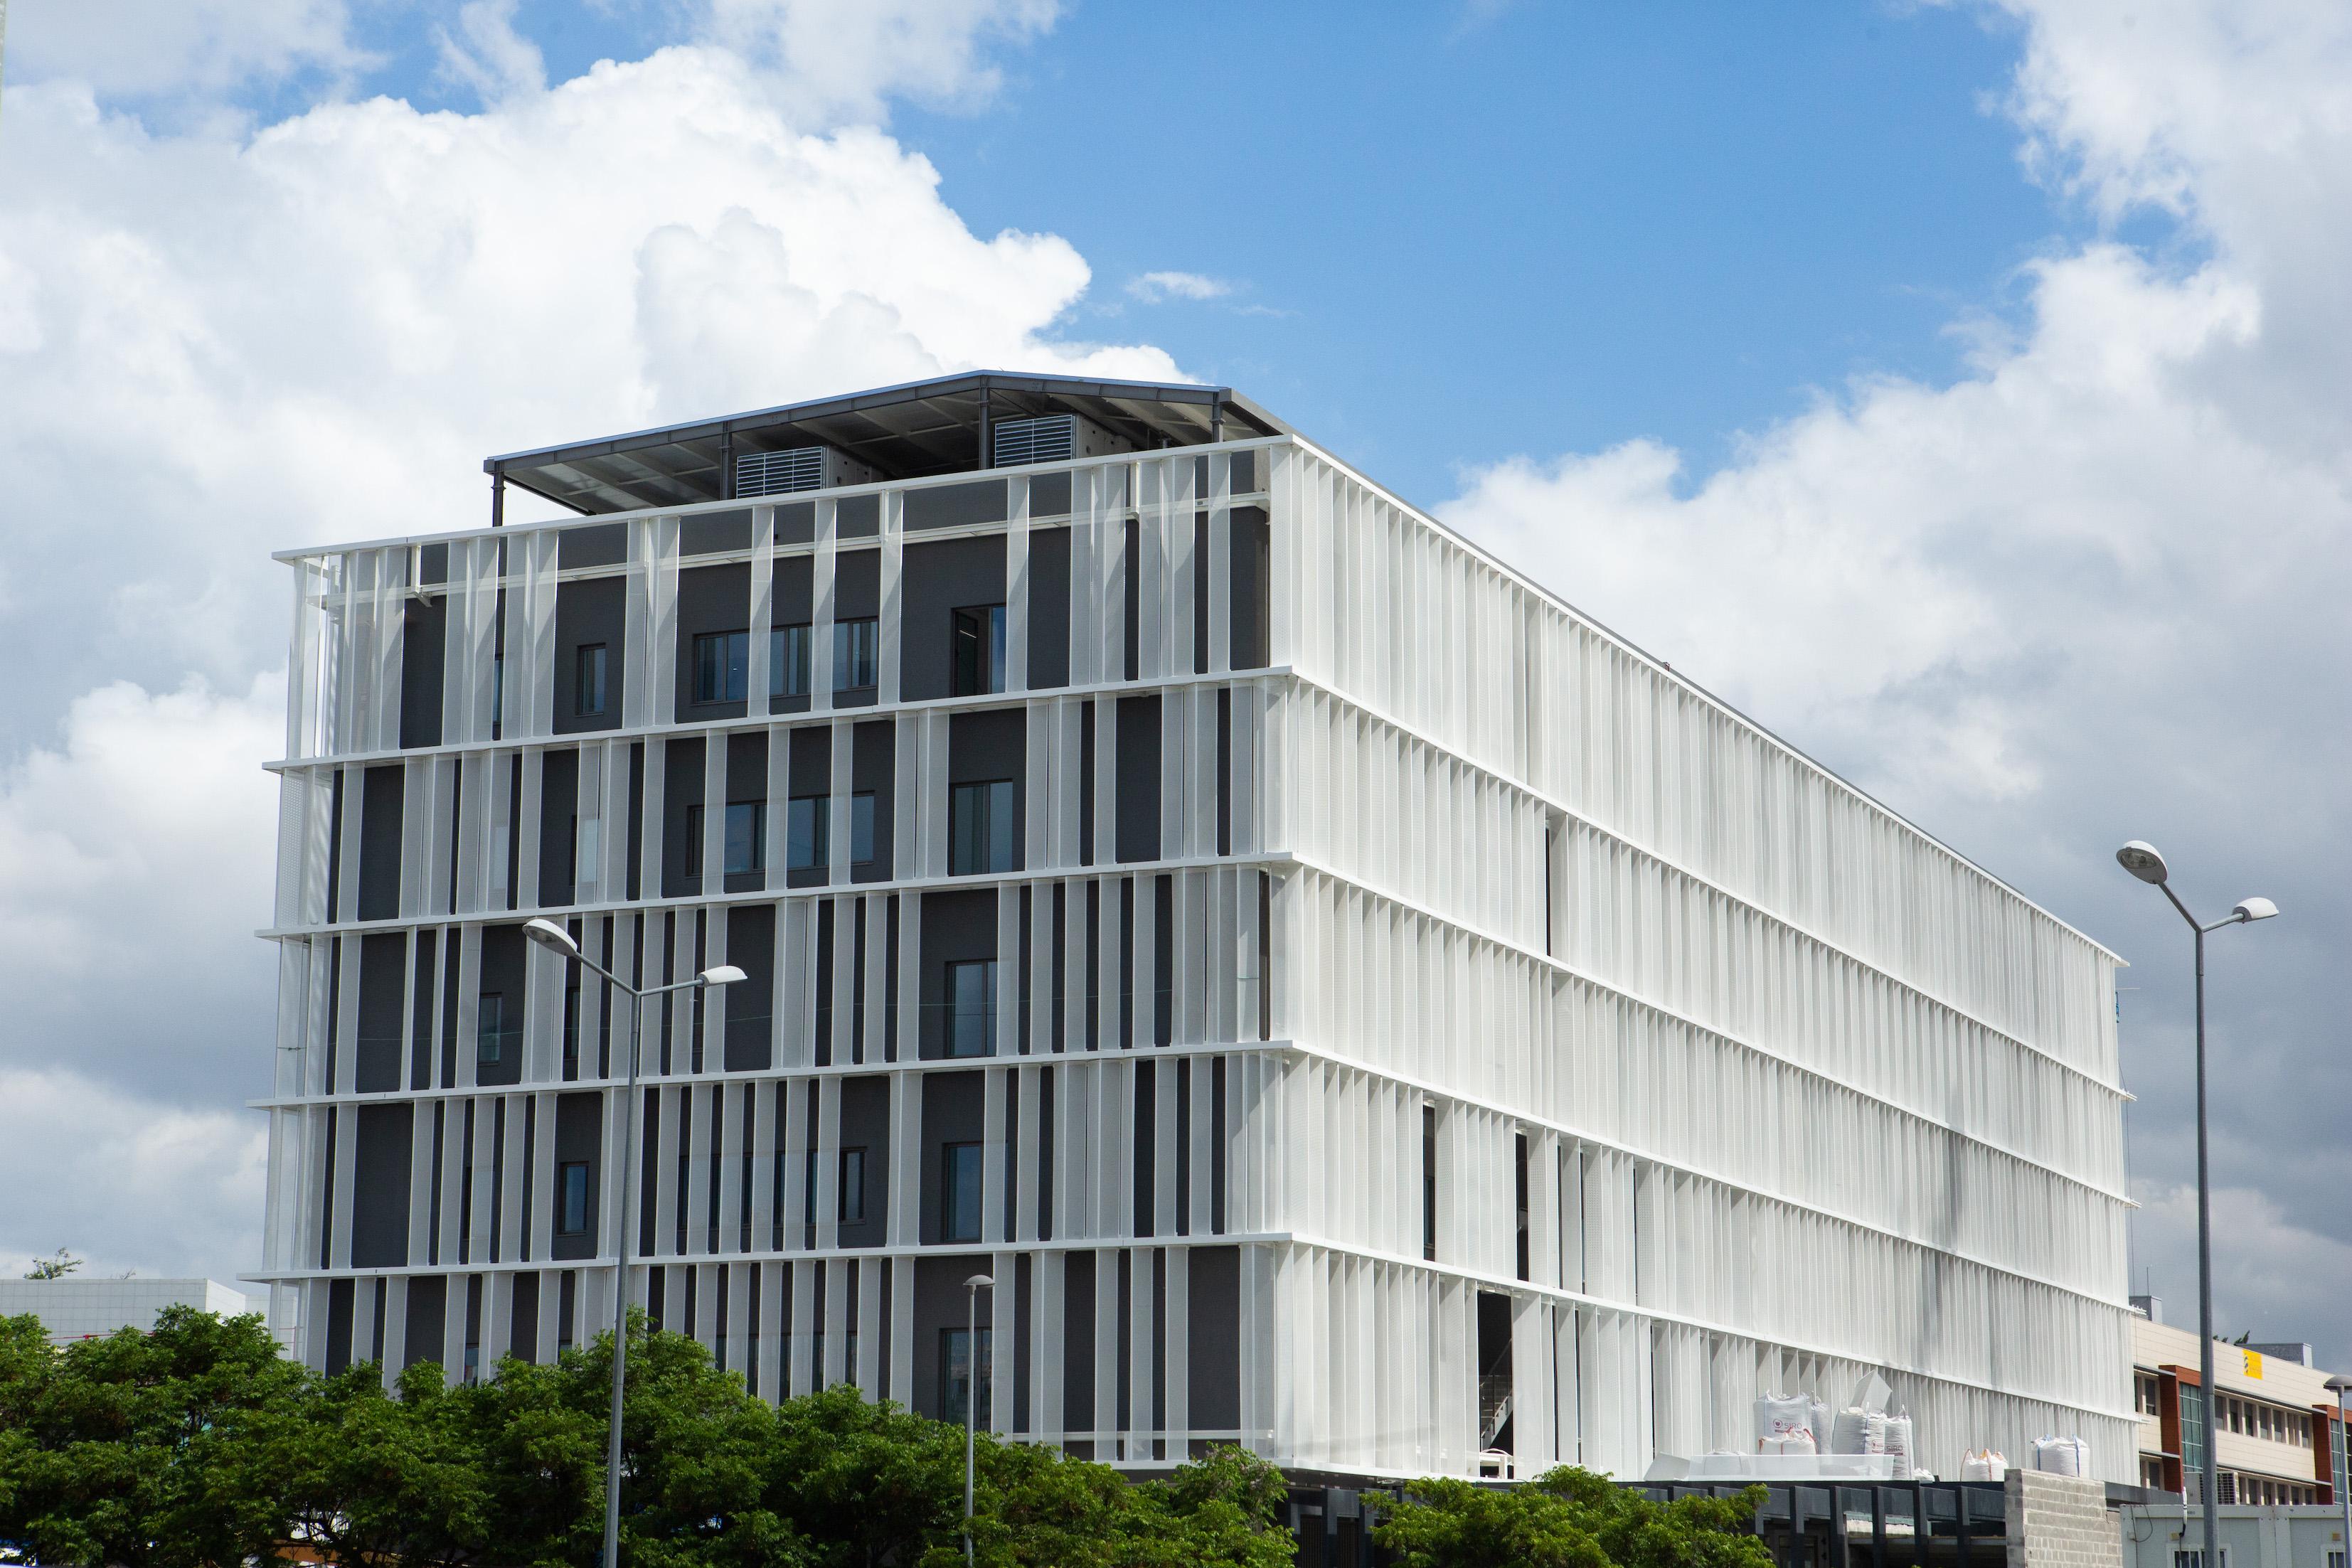 Imagem da notícia: Vai abrir o novo Hospital CUF Descobertas